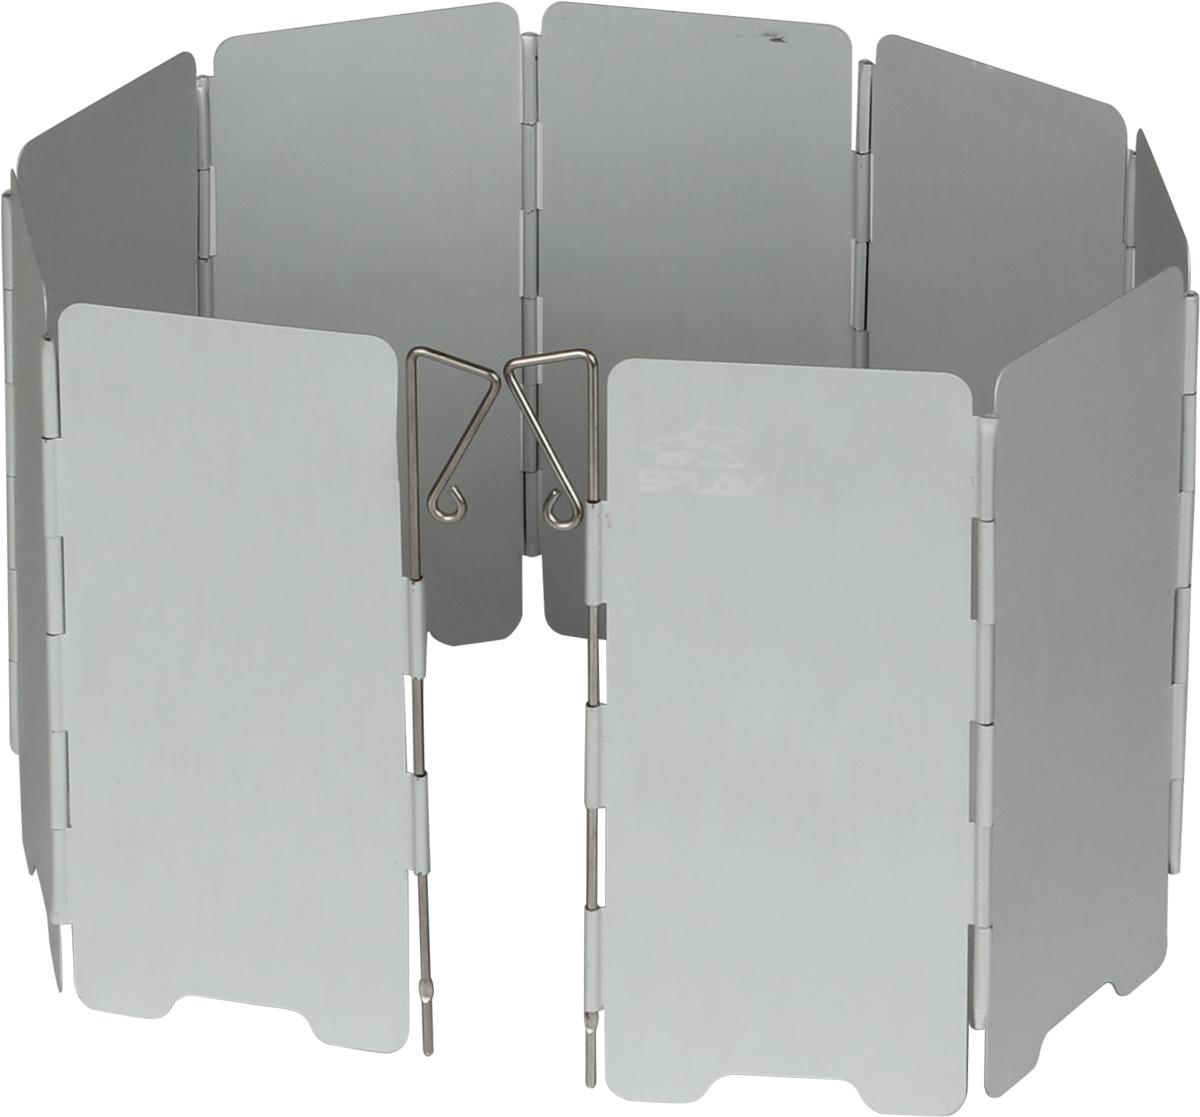 Компактный защитный экран от ветраСохраняет тепло пламениСпособствует экономии топливаУскоряет время приготовления пищи 9 секций605?140 ммВес: 115 г